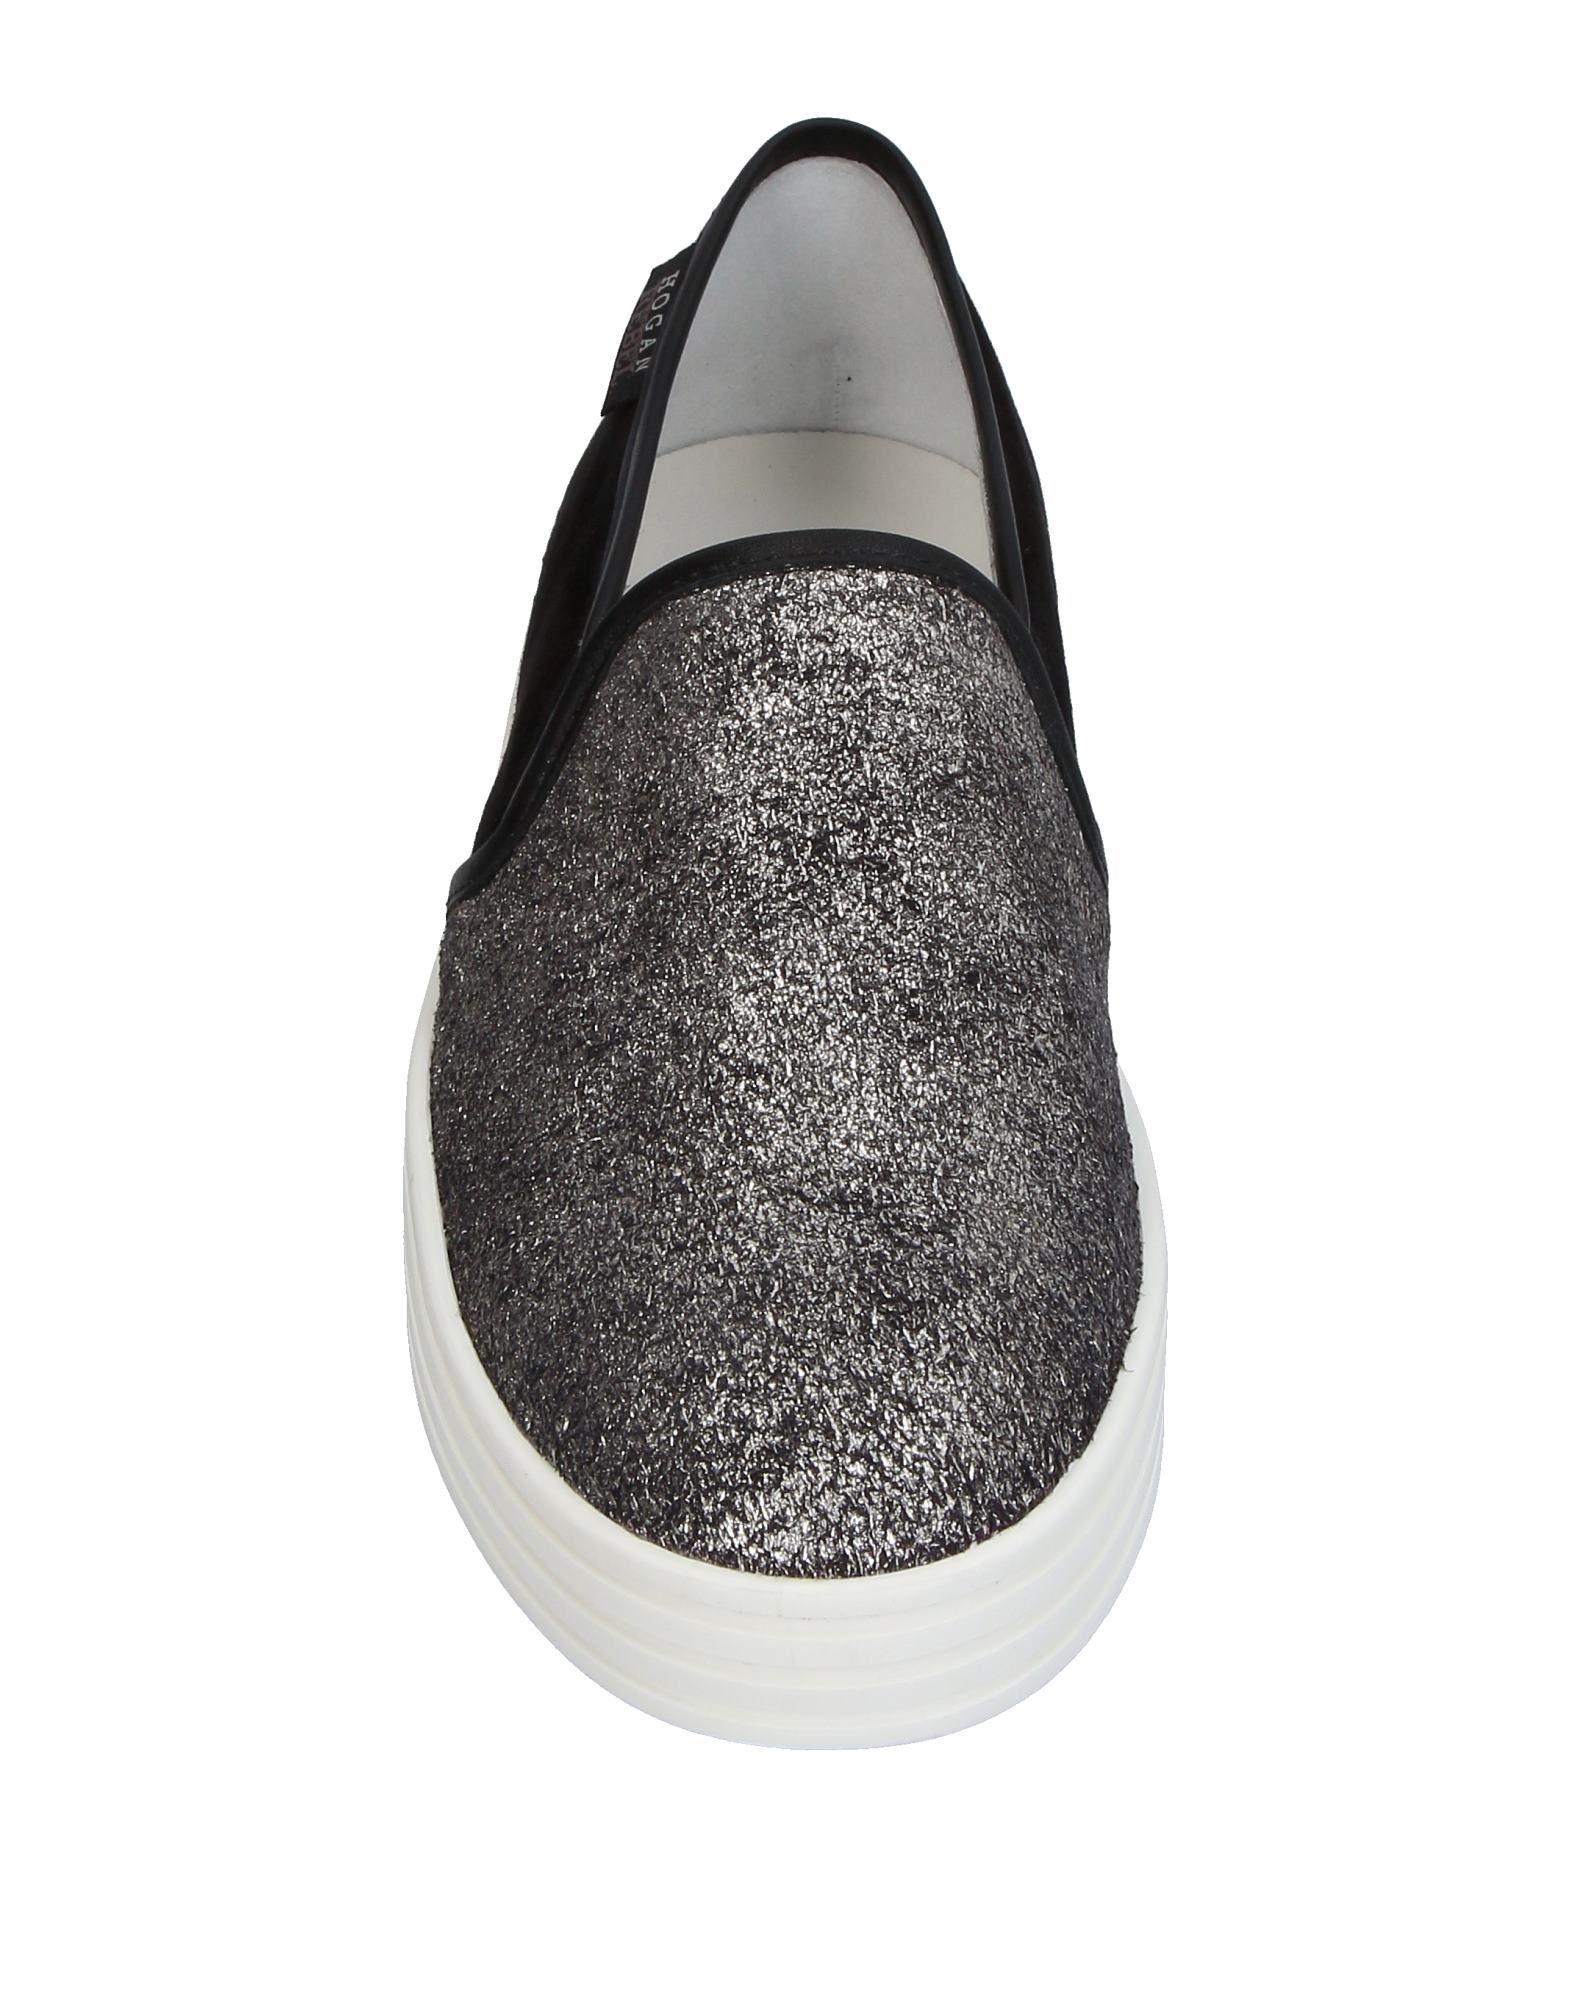 Hogan Rebel Gute Sneakers Damen  11390992IJ Gute Rebel Qualität beliebte Schuhe 83fb9e